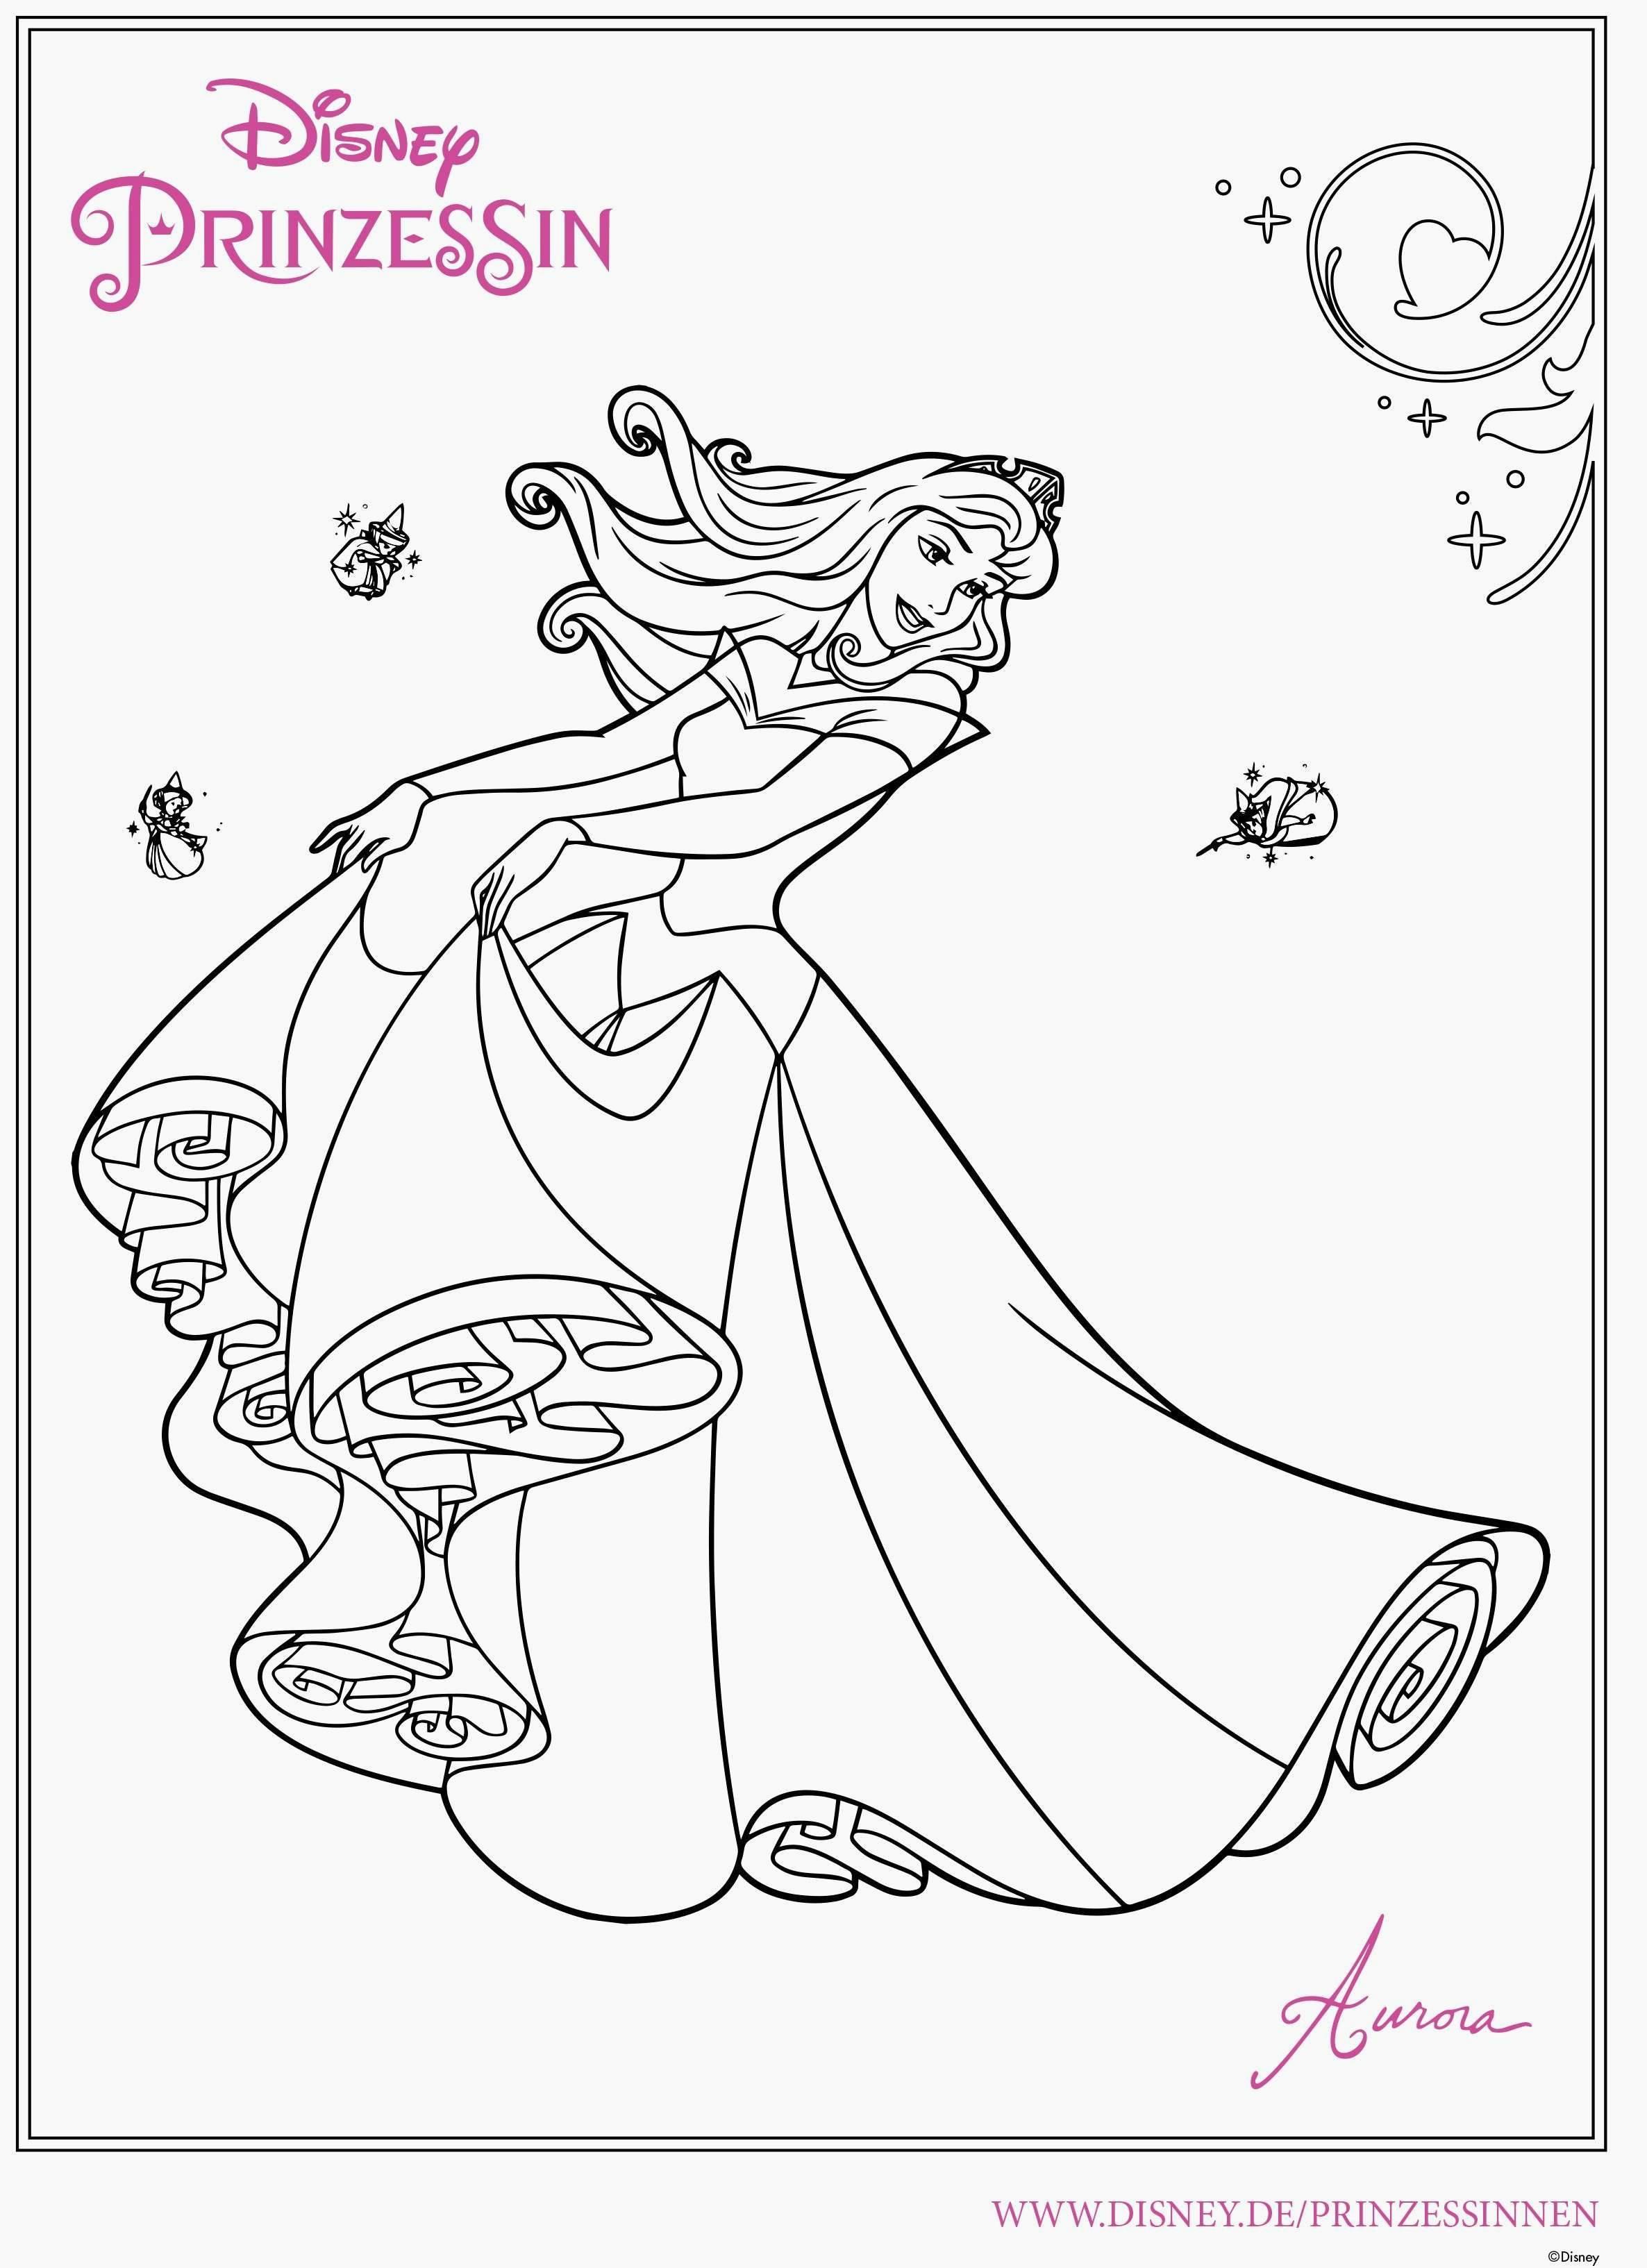 Ausmalbilder Disney Prinzessinnen Einzigartig 38 Disney Prinzessin Ausmalbilder Bilder